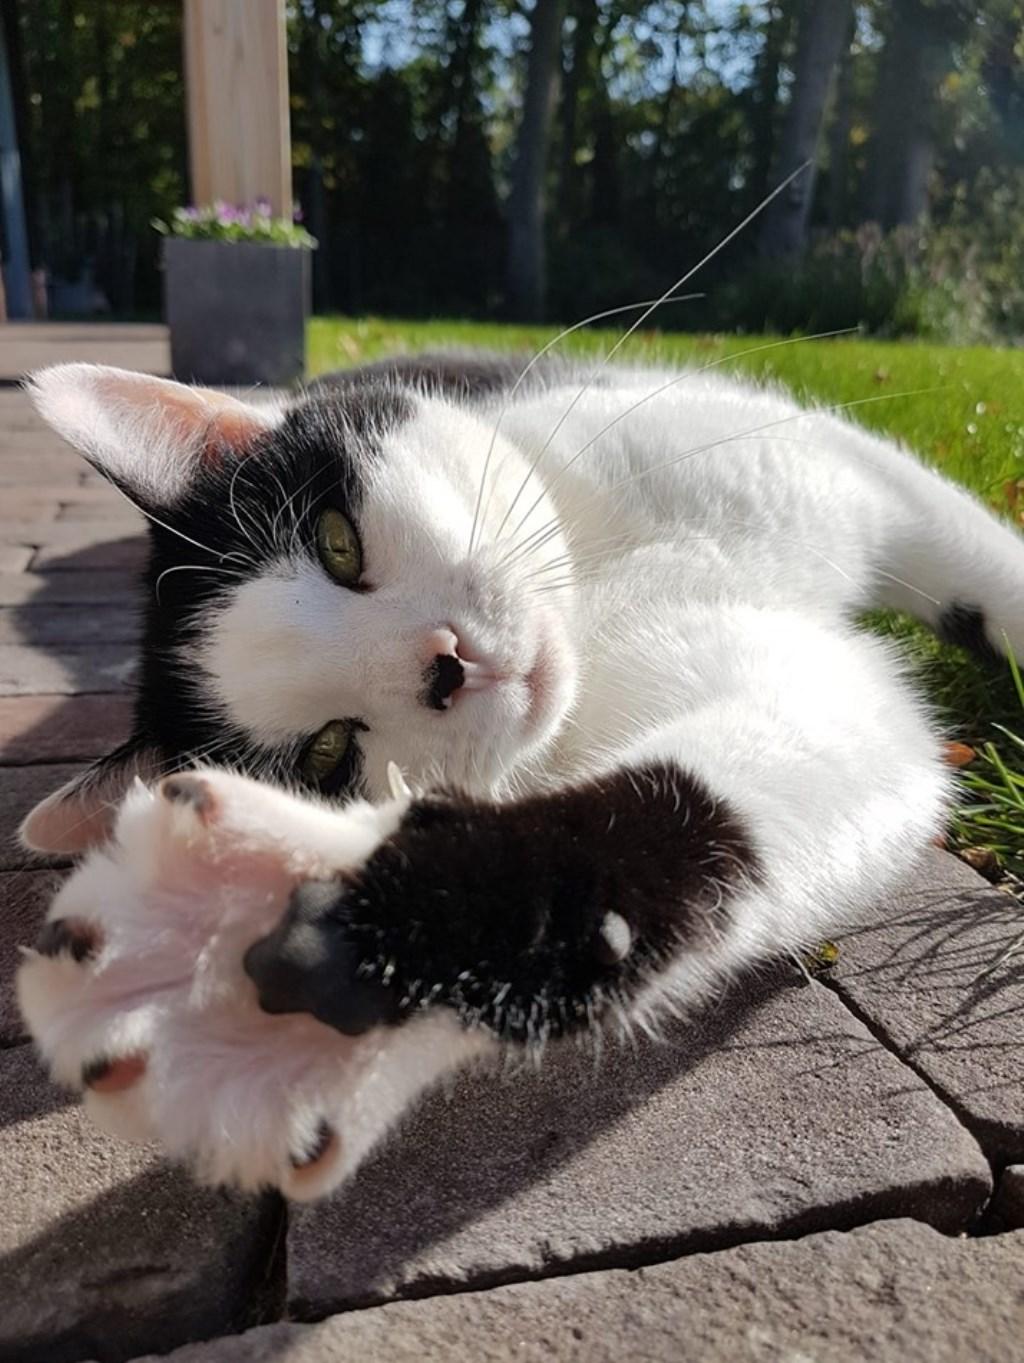 6-jarige Puk is ogenschijnlijk de liefste, maar echt een katje om niet zonder handschoenen aan te pakken. (Behalve door het vrouwtje)  © Internetbode